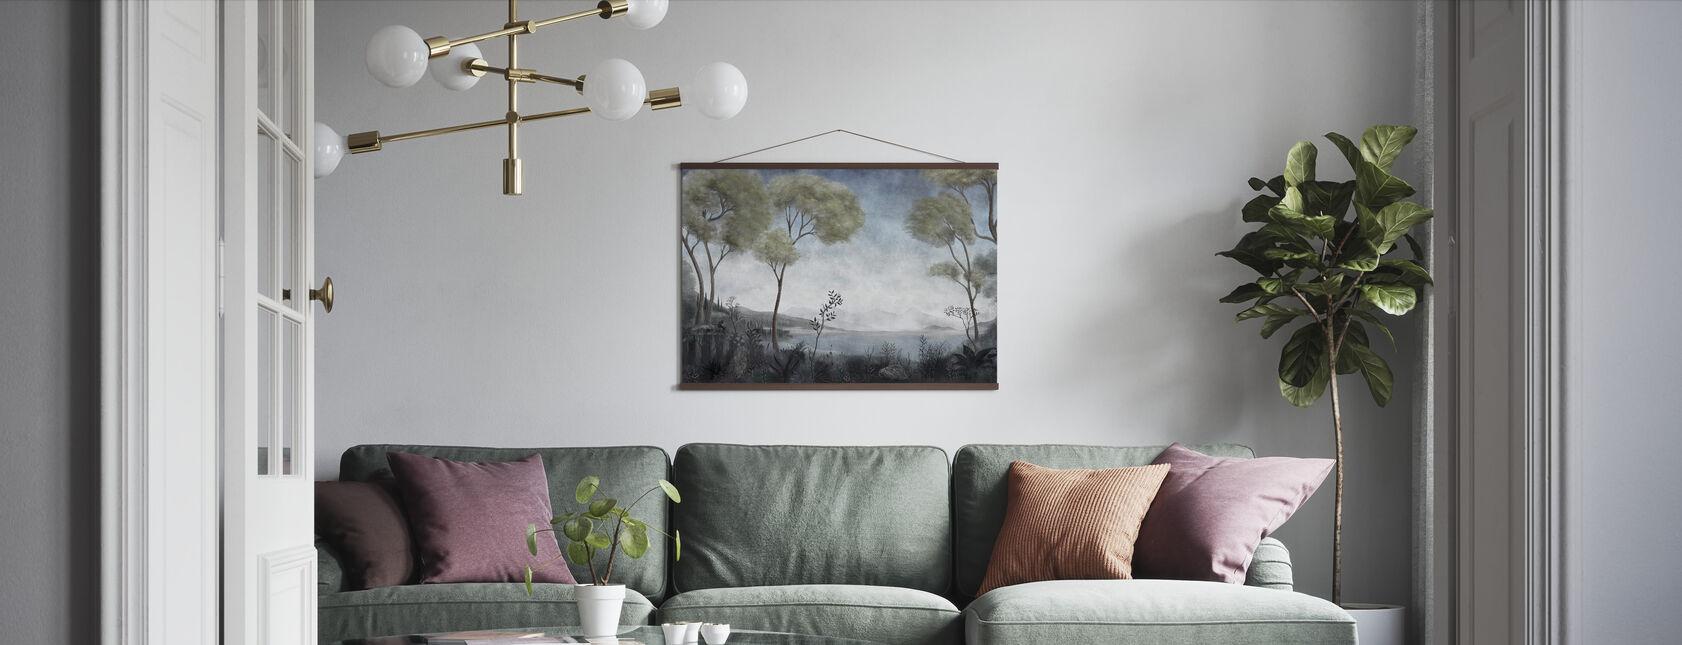 Lake Como - Poster - Living Room